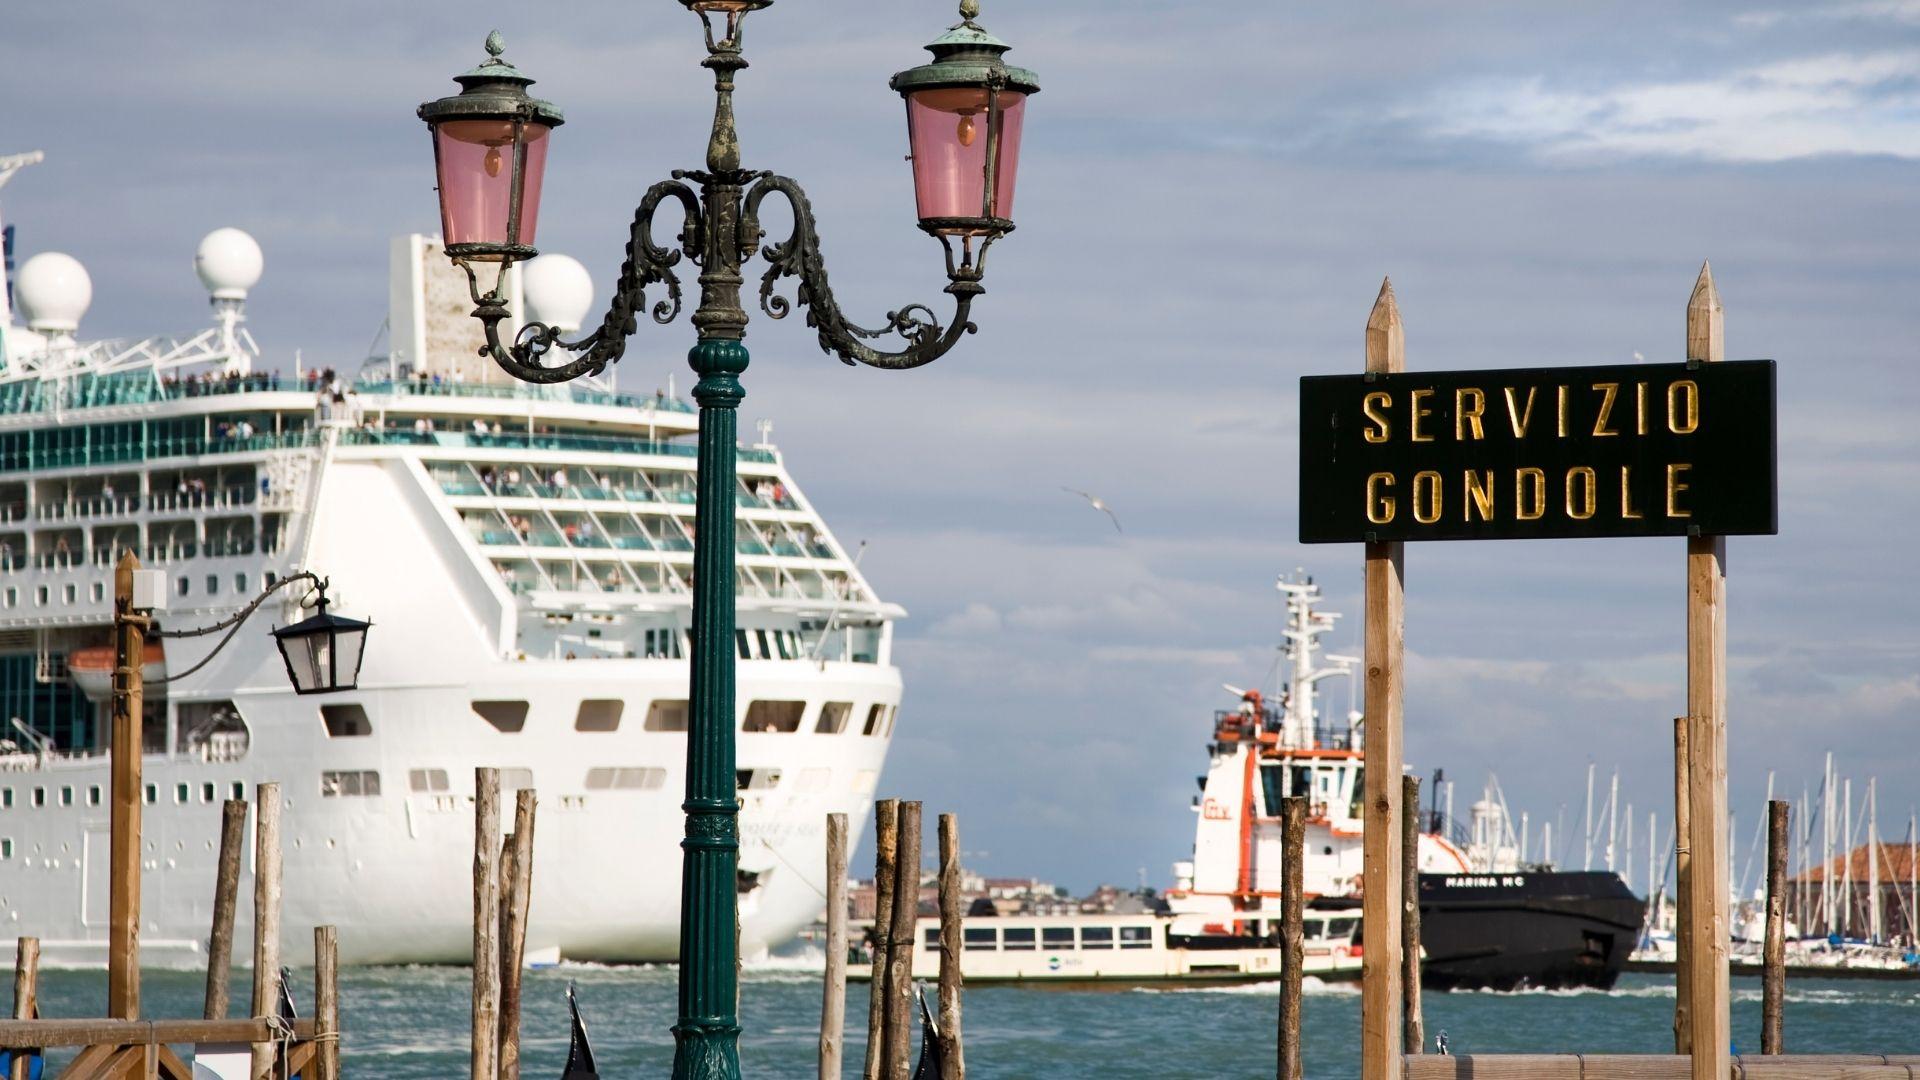 Misure urgenti in materia di trasporti e attivita crocieristiche a Venezia DL n v2. 45 del 1 aprile 2021